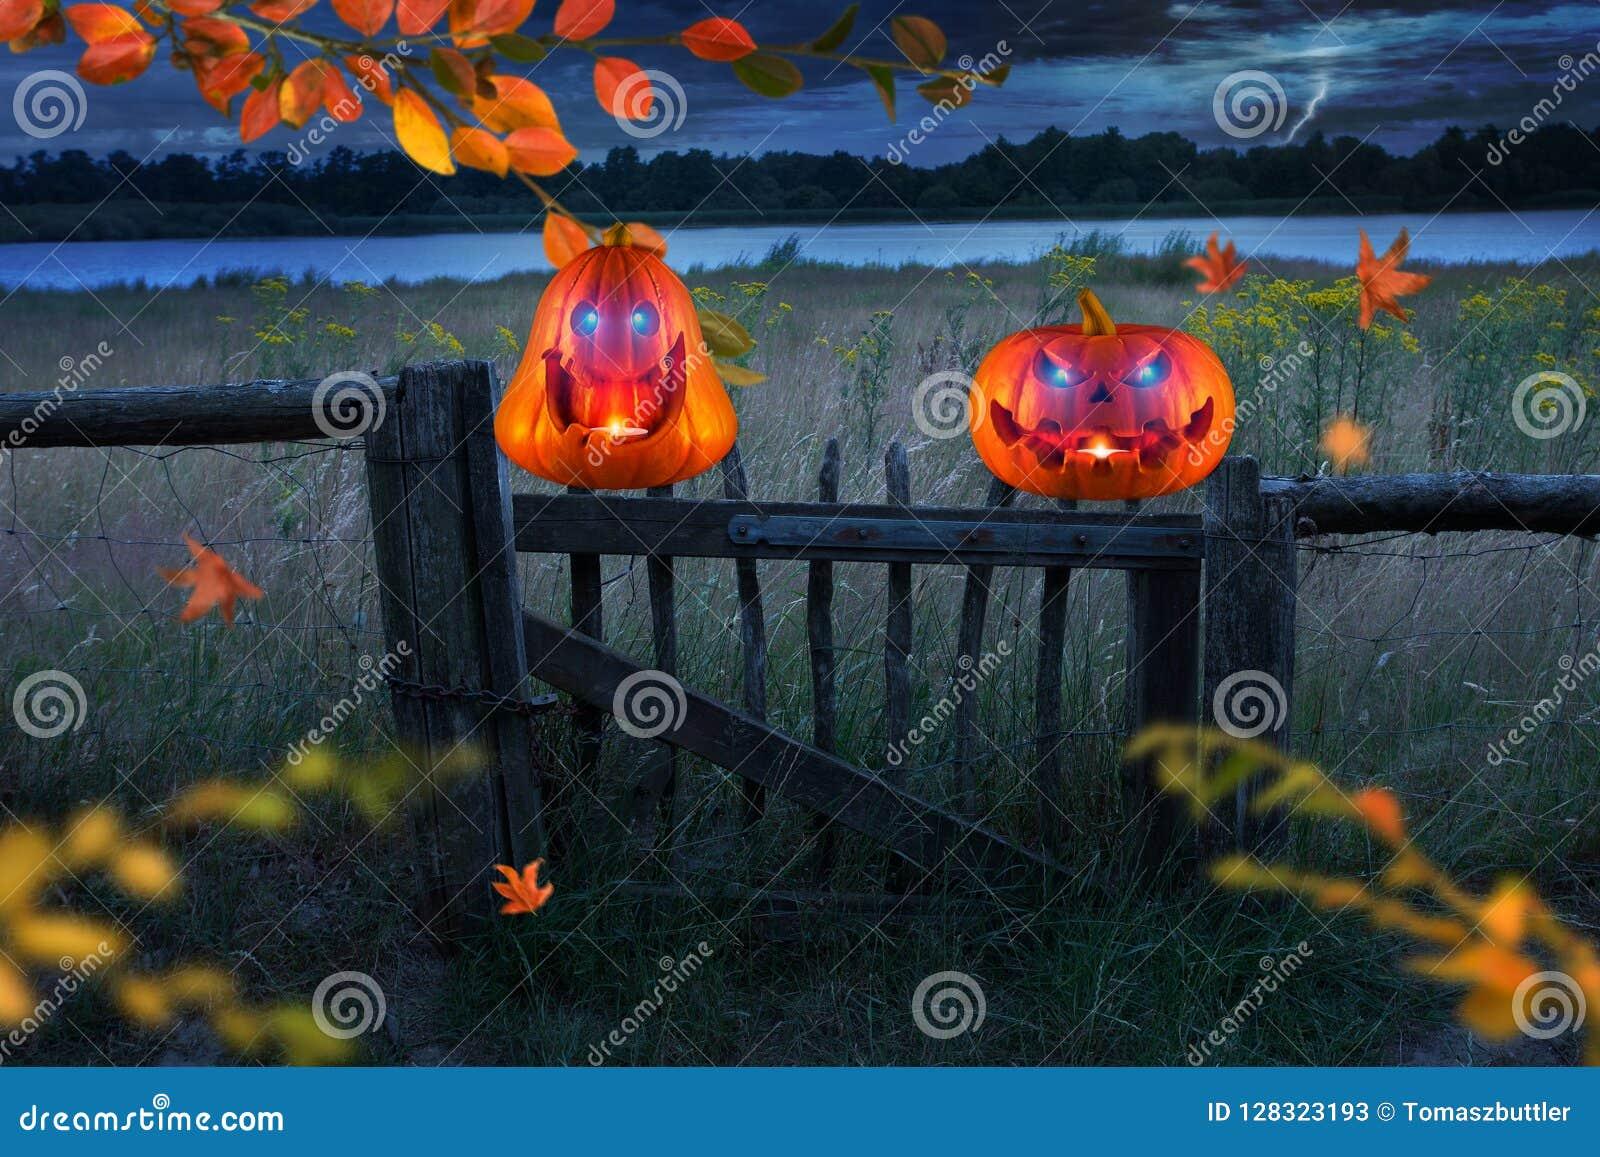 Två roliga läskiga orange pumpor med att glöda synar på trästaketet på den halloween åskvädernatten